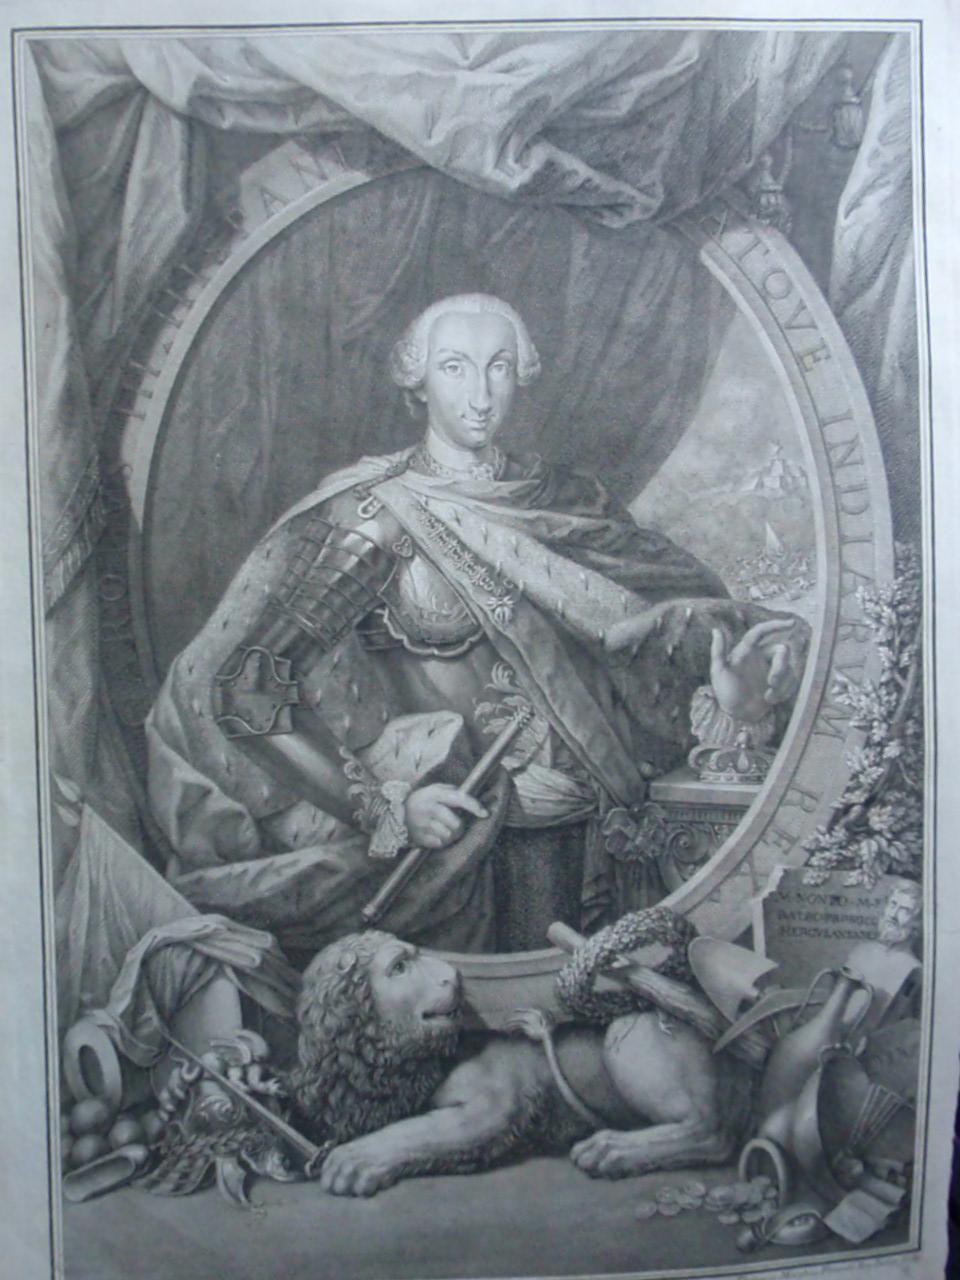 Grabado retrato de Carlos III de España. c.1760. Autor Filippo Morghen. A/A de Patricia. Estampa_001